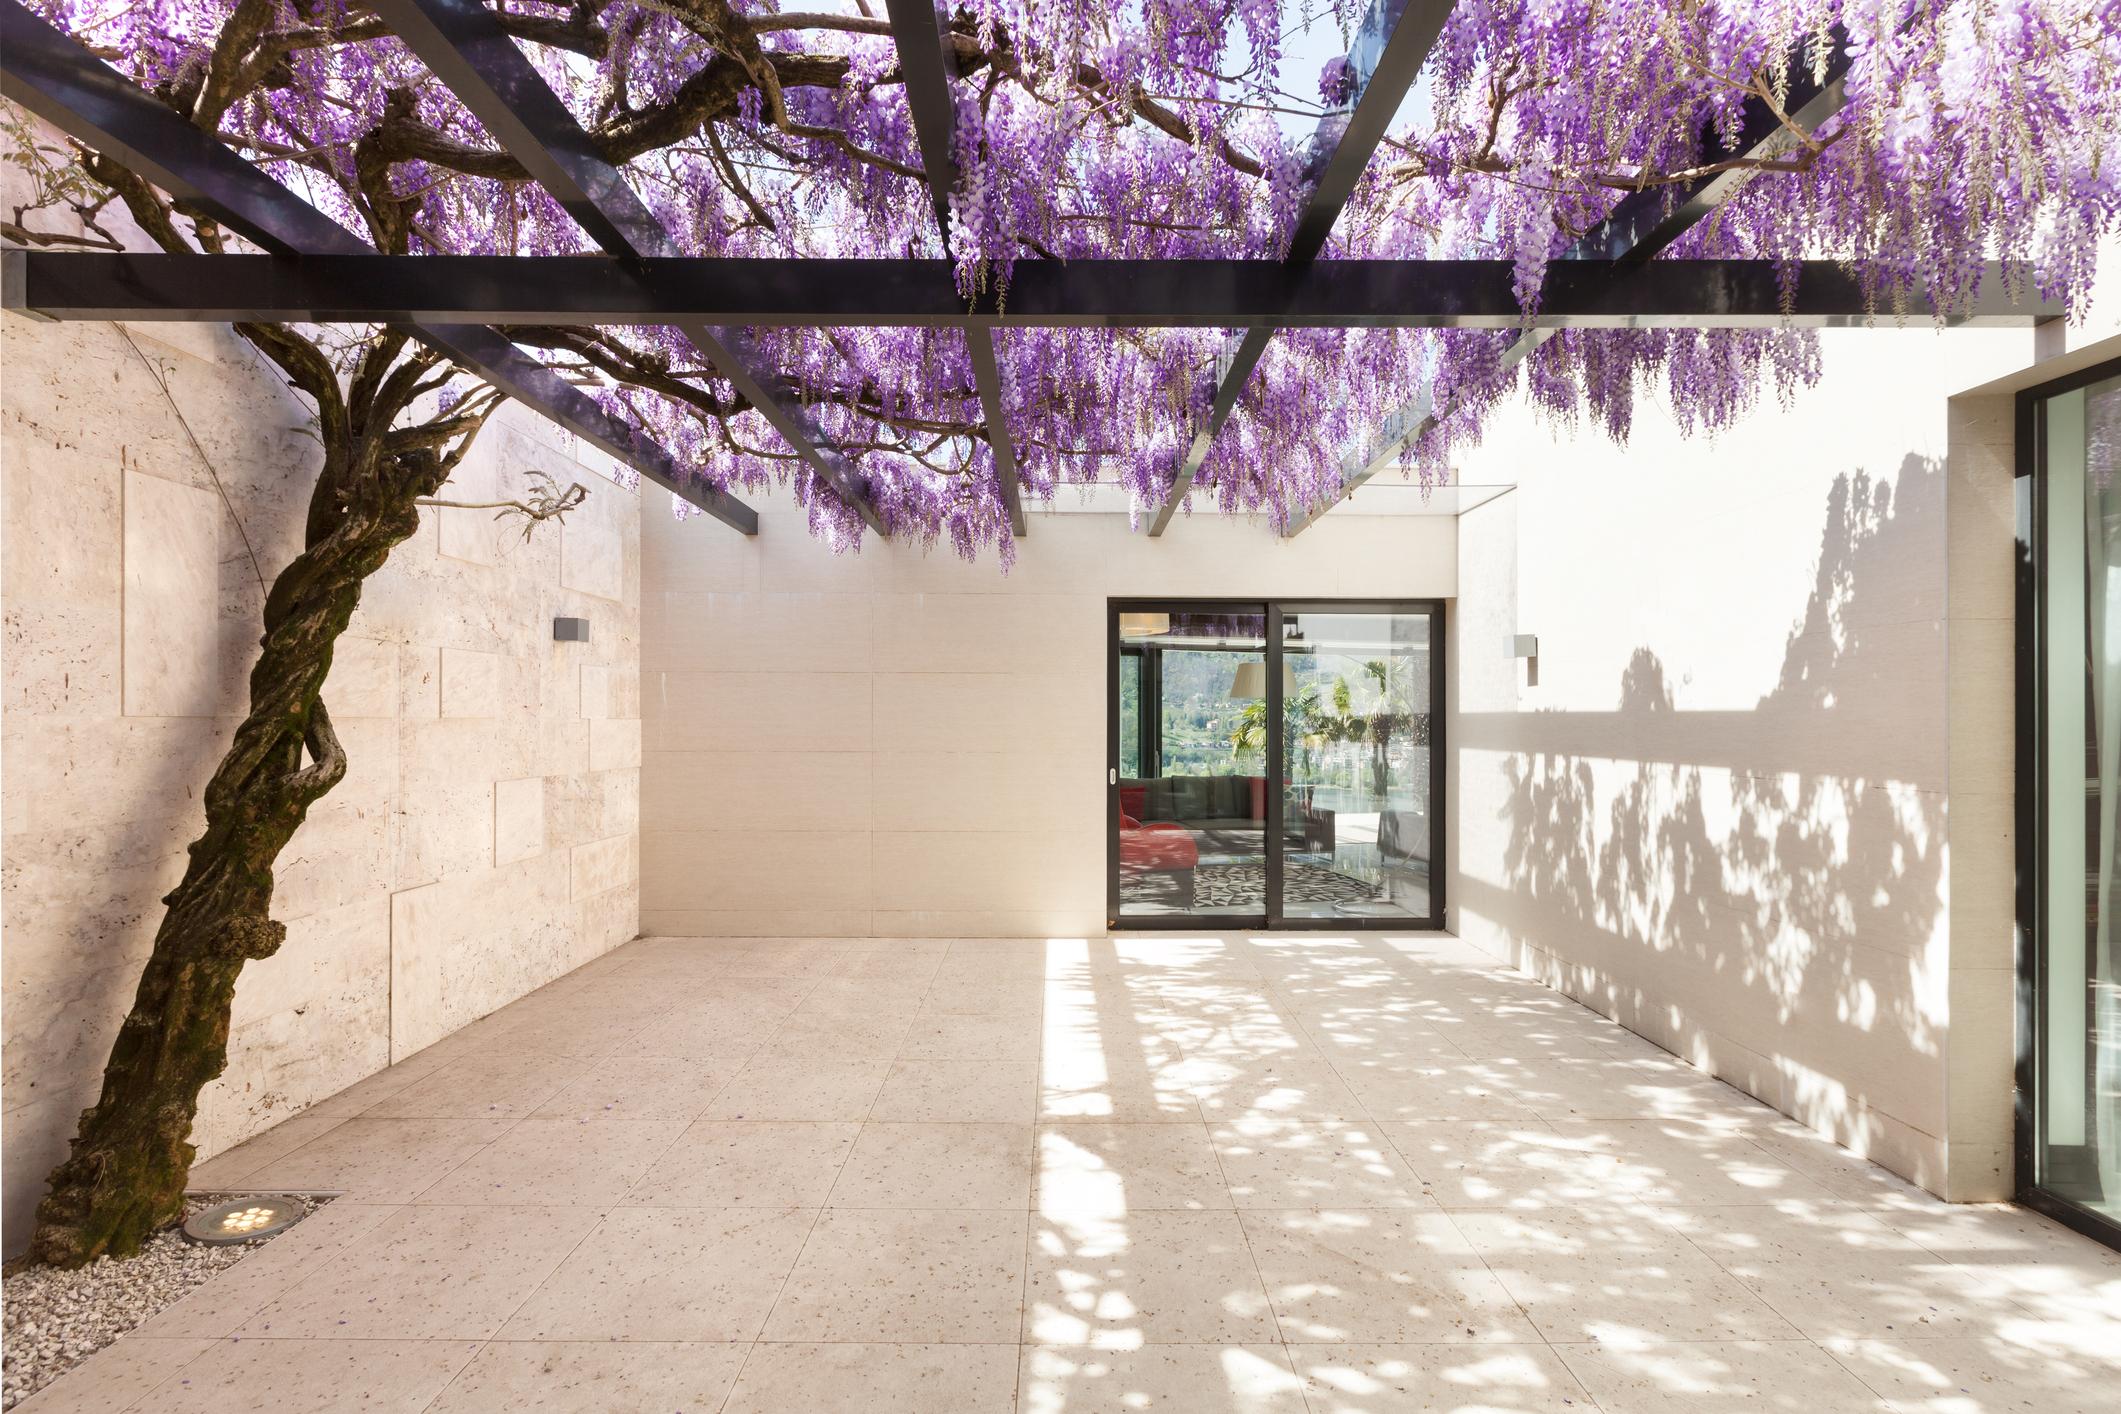 6 Jenis Tanaman Bunga Gantung Tahan Panas Yang Bantu Percantik Rumah Rumah123 Com